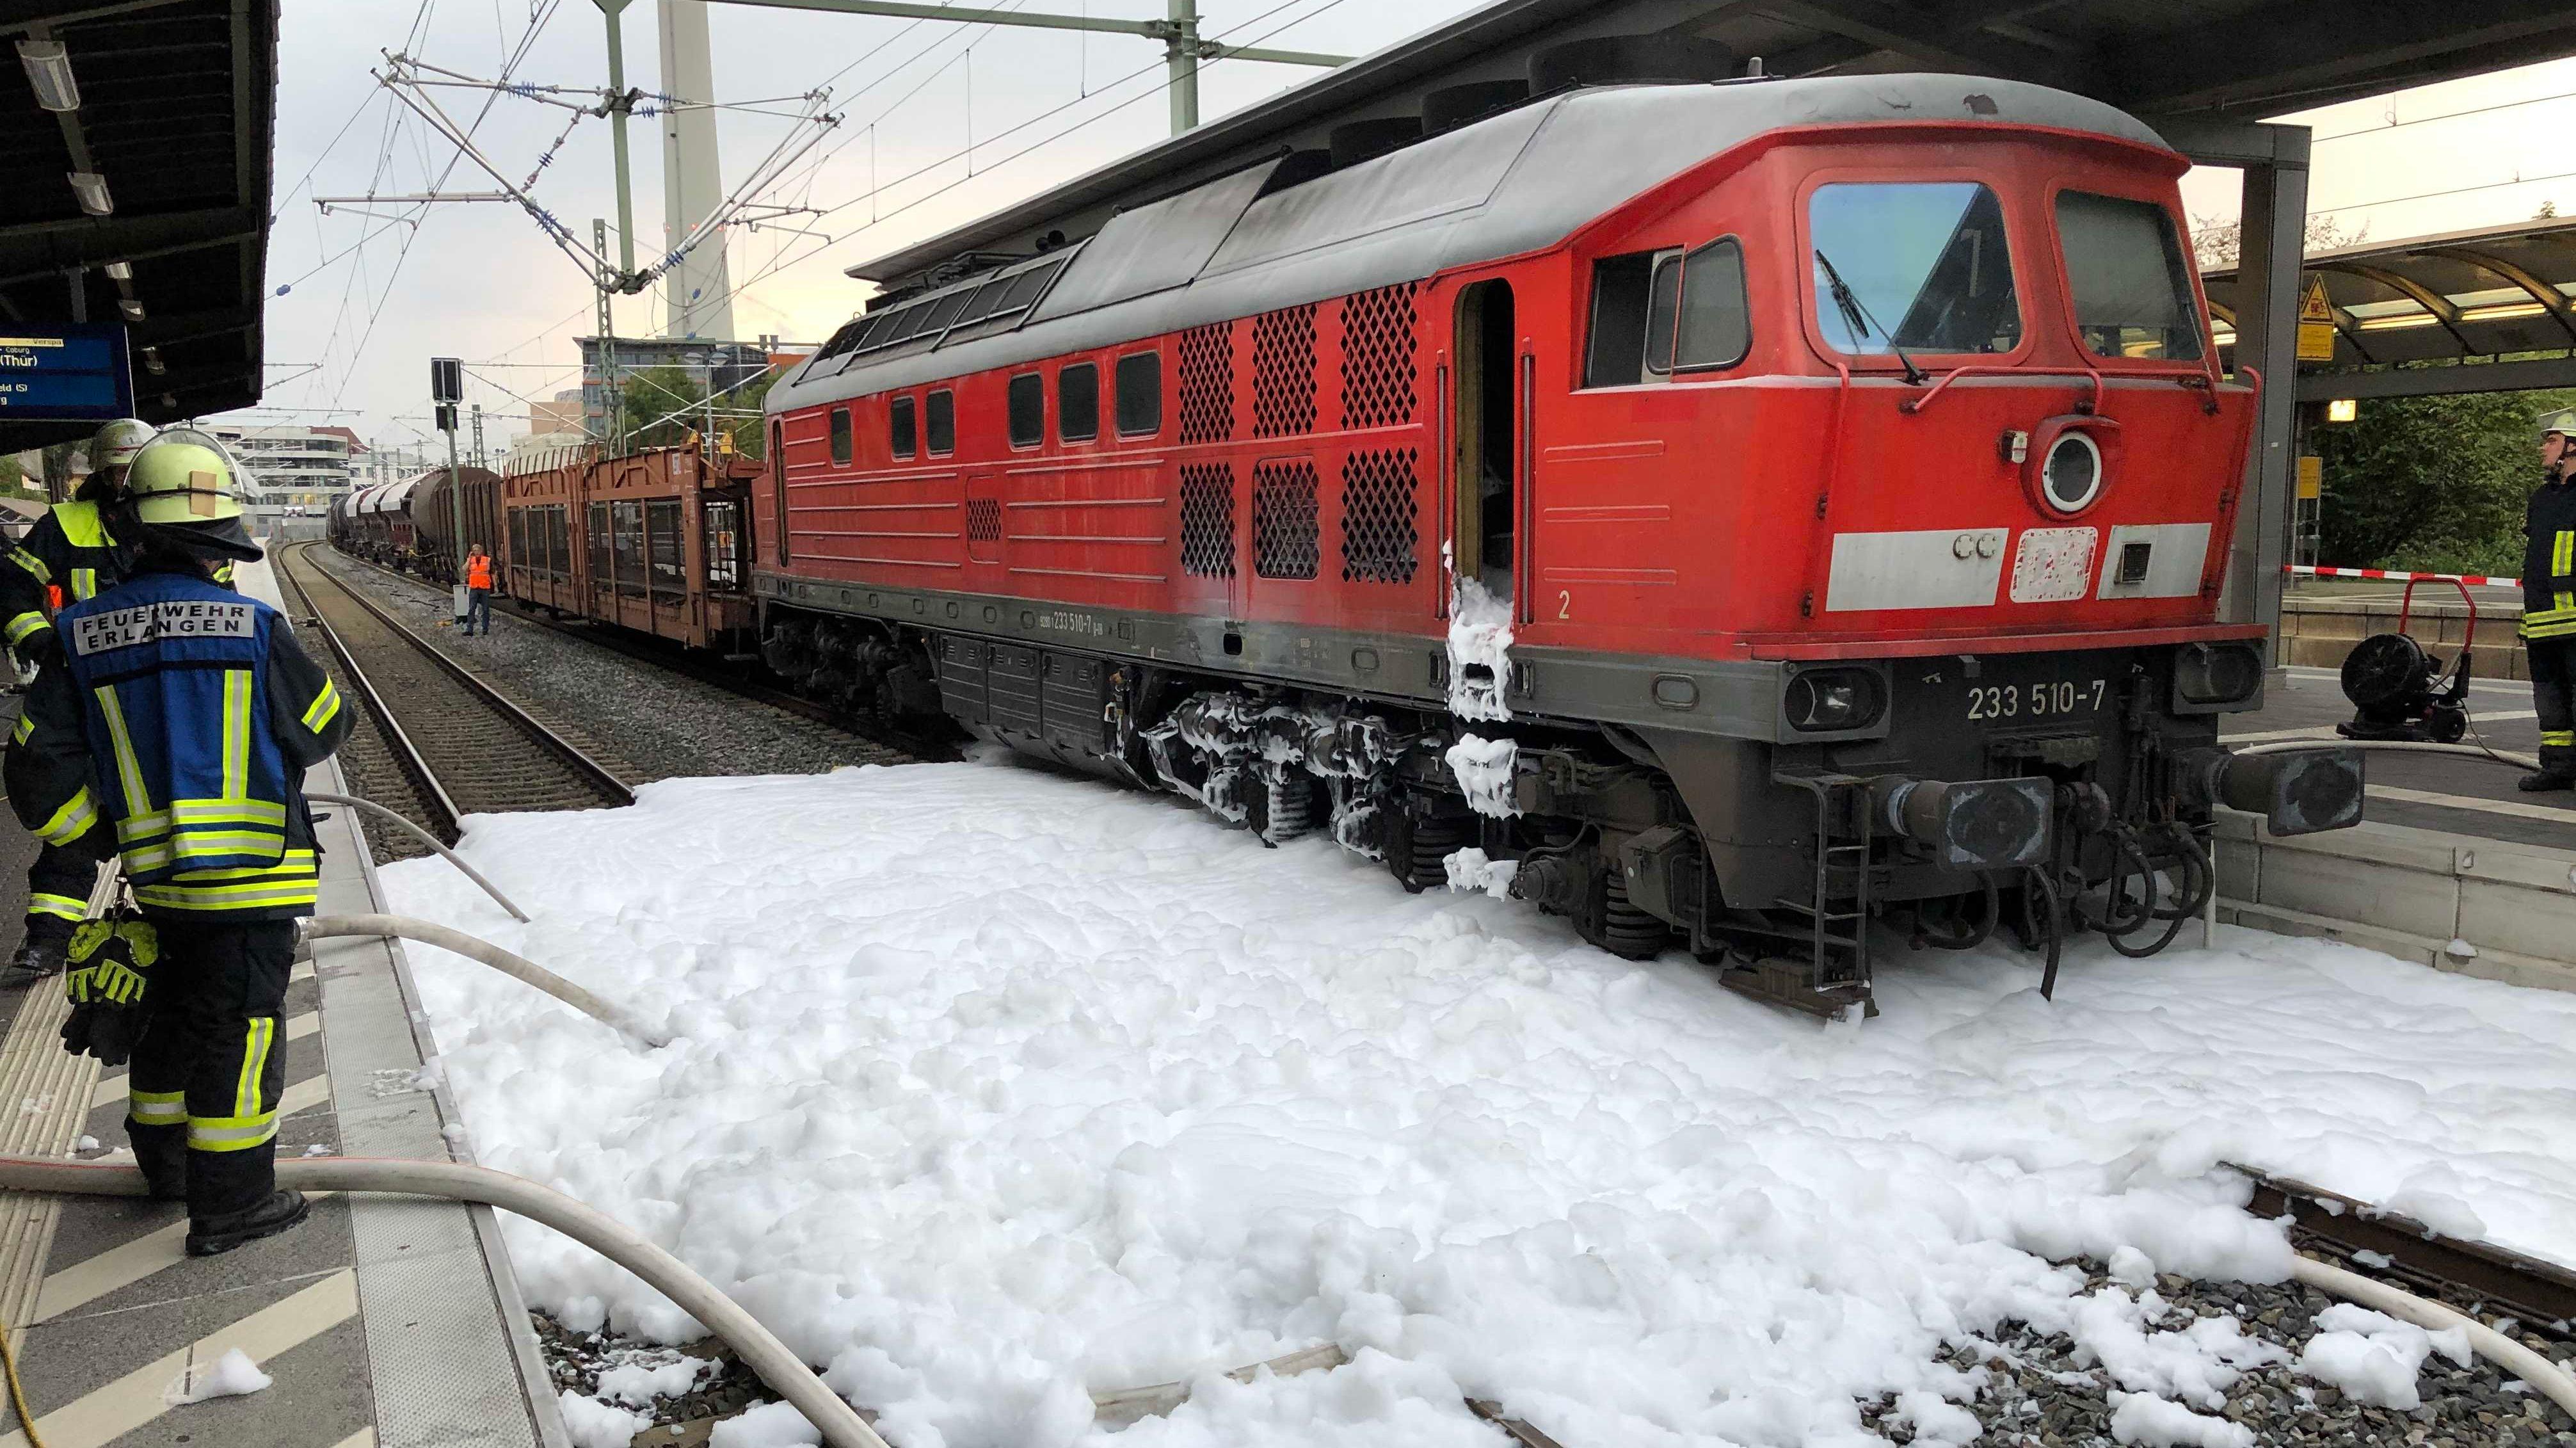 Feuerwehr löscht brennende Lokomotive in Erlangen